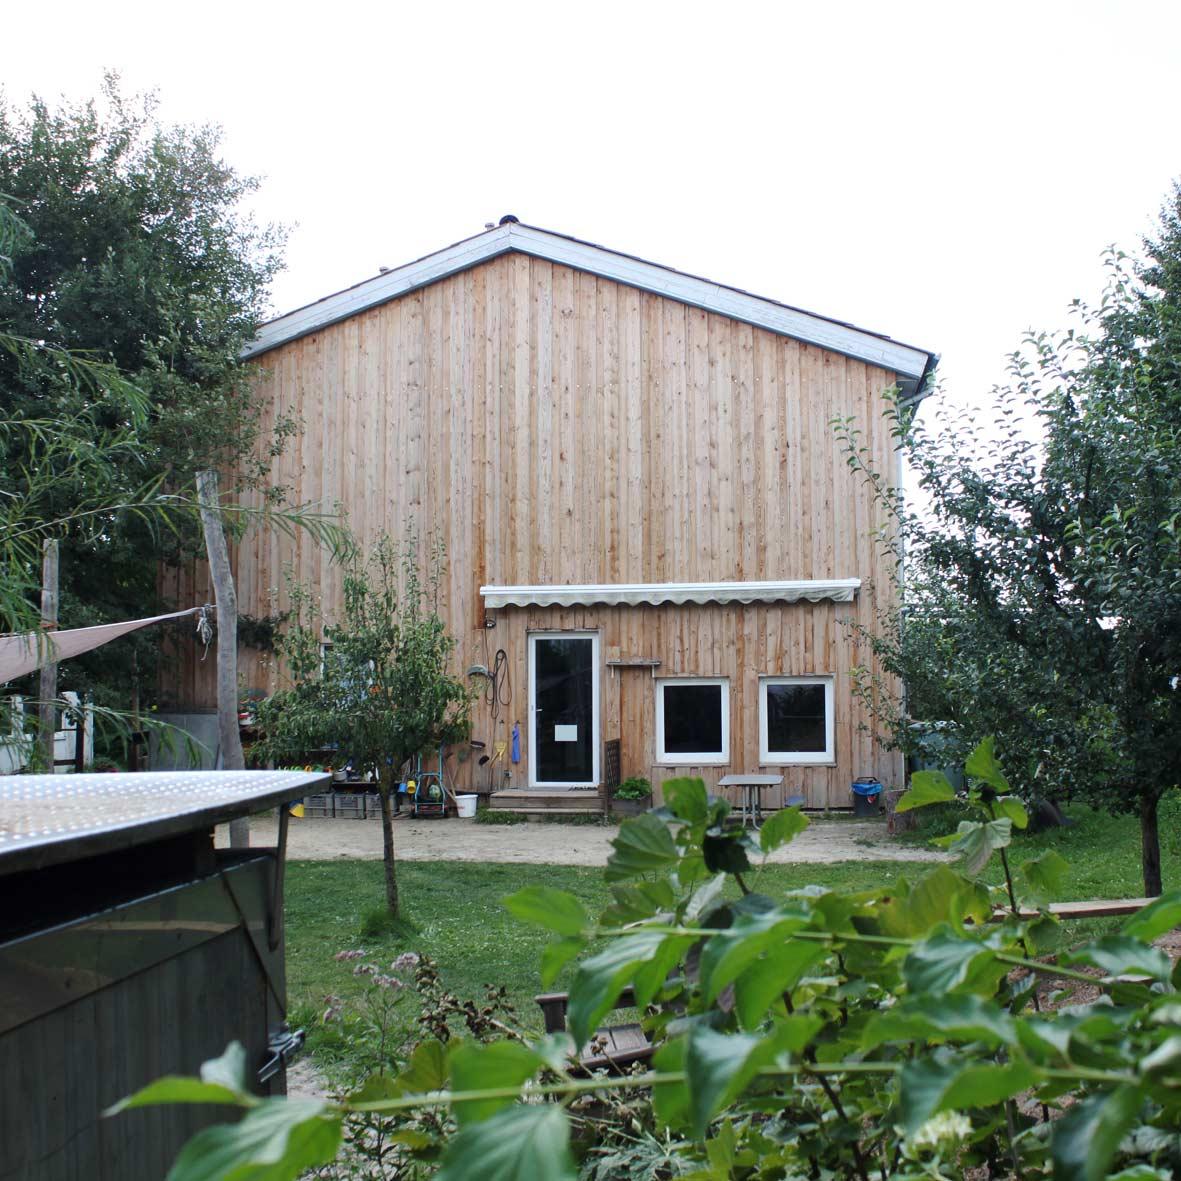 Haus Und Garten: Freie Aktive Schule Und Kindergarten In